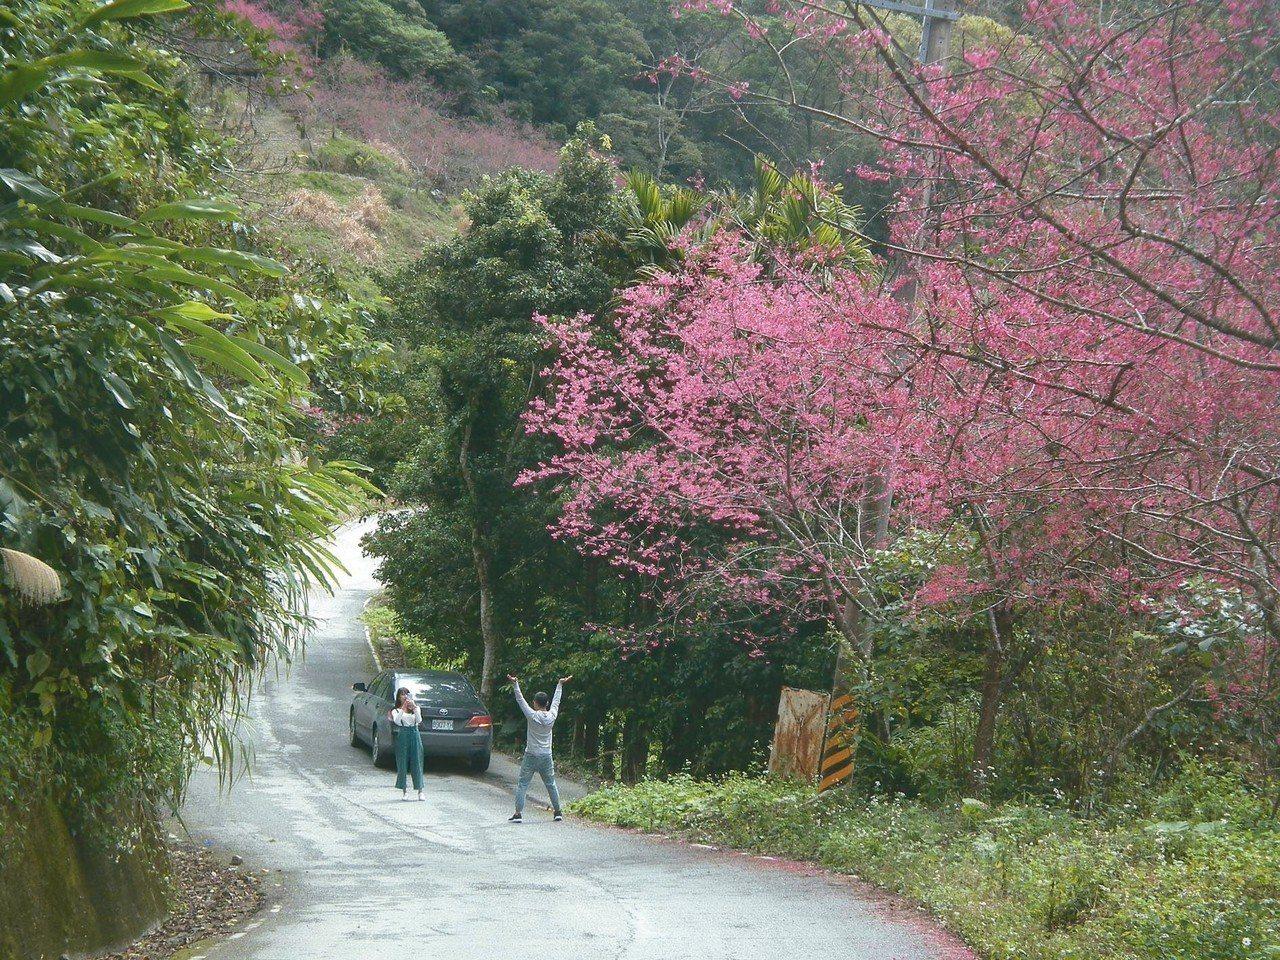 金針山沿途路旁就可看到櫻花盛開,令人賞心悅目,吸引遊客佇足拍照。 記者尤聰光/攝...